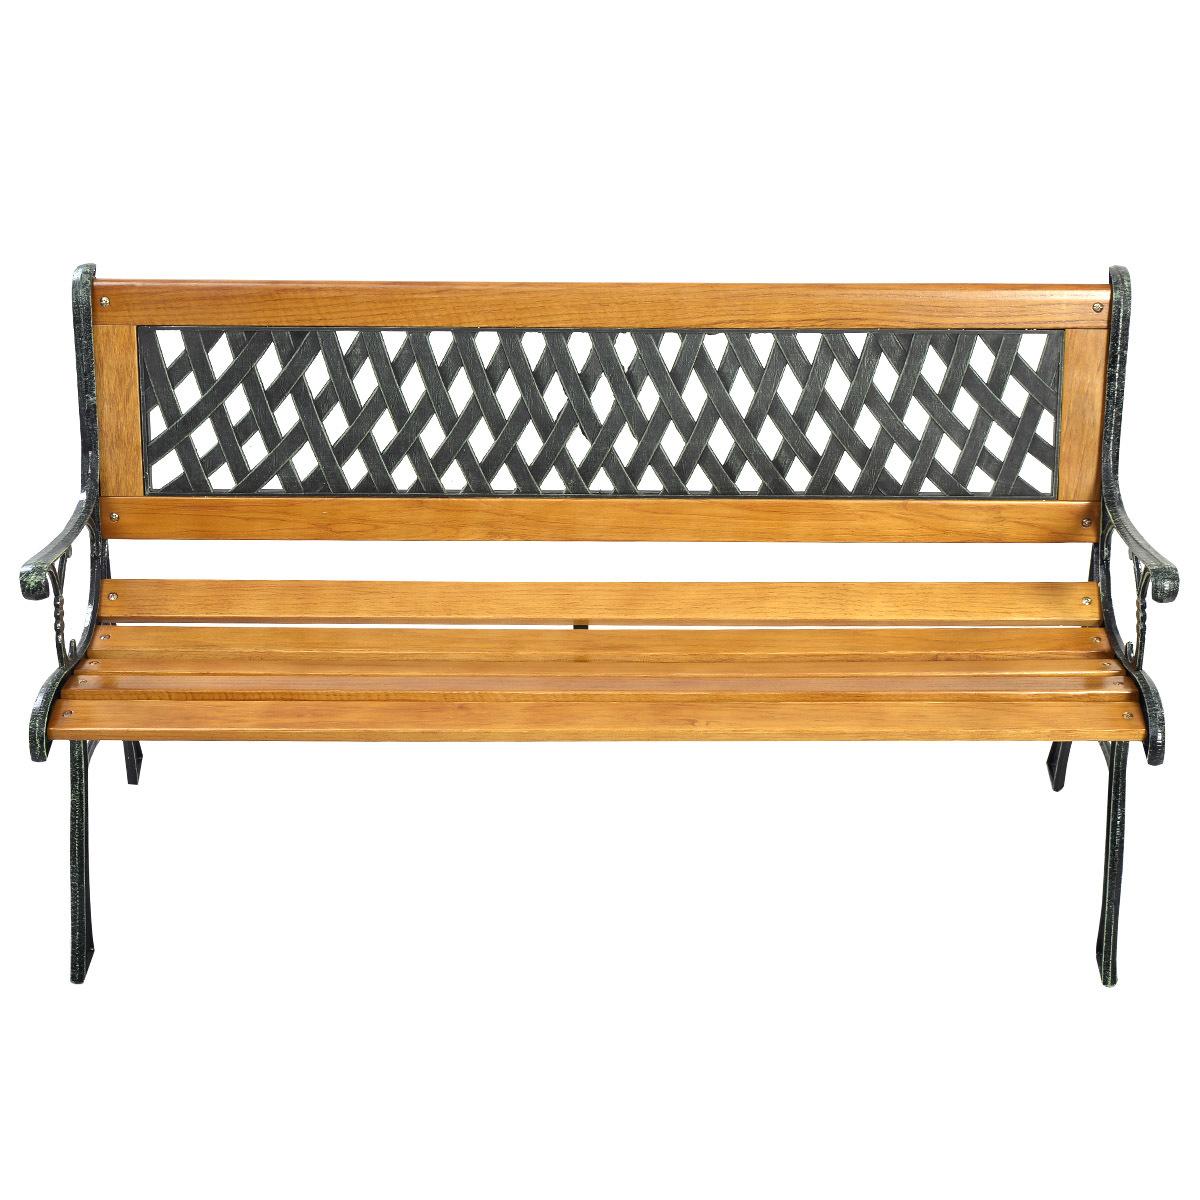 СкамейкаСкамейки<br>Элегантная скамейка для сада или парка. Боковые элементы выполнены из чугунного литья и покрыты антикоррозийной краской, имитирующей патину. Сиденье и обрамление спинки изготавливаются из дерева. Вставка на спинке пластиковая.&amp;nbsp;<br><br>kit: None<br>gender: None